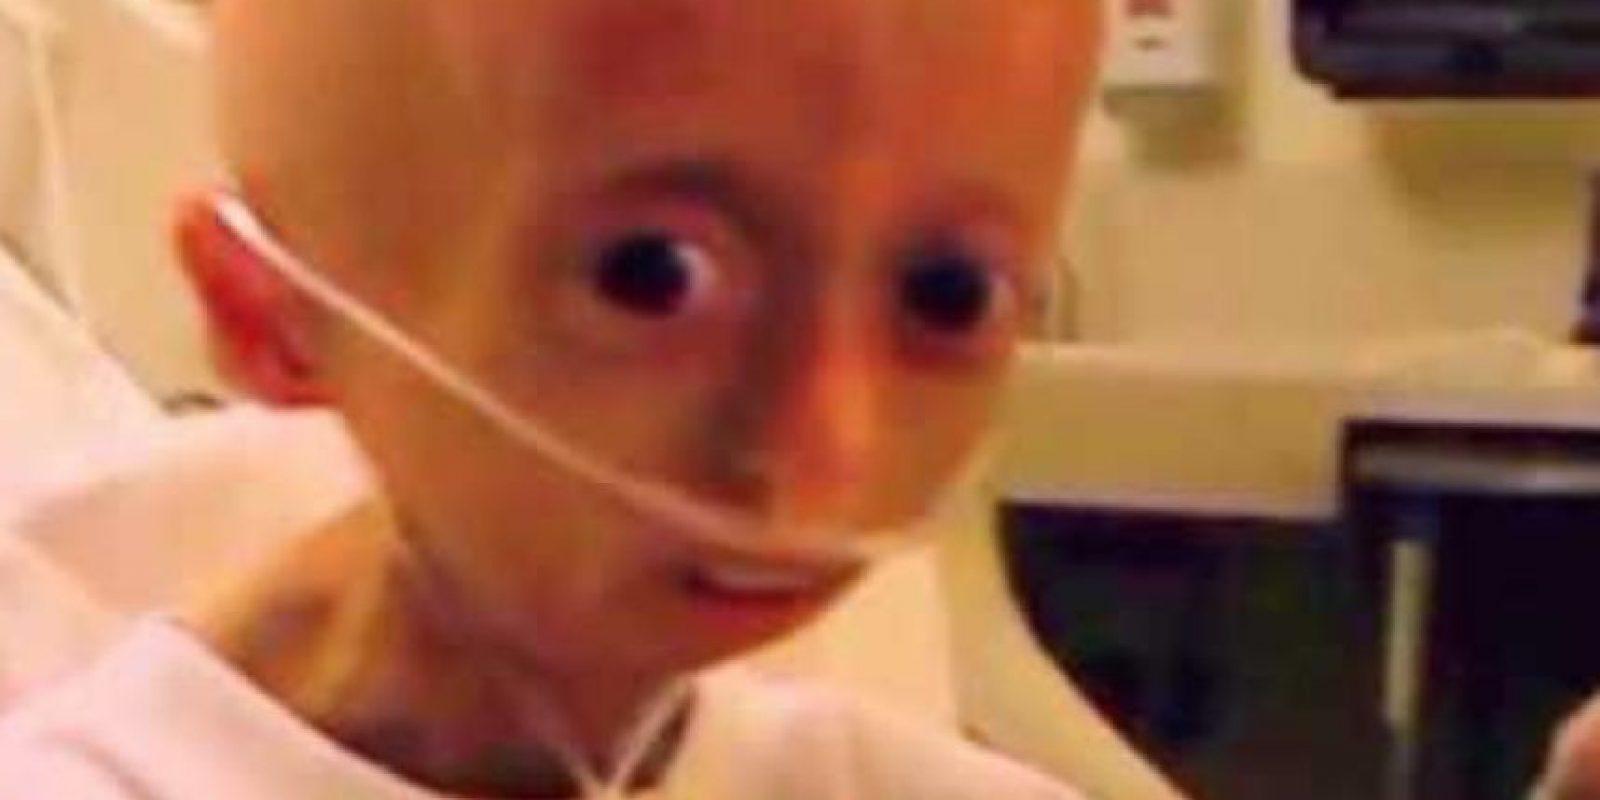 Tenía progeria, extraña condición genética que causa el envejecimiento prematuro. Foto:Hayley Okines/Facebook